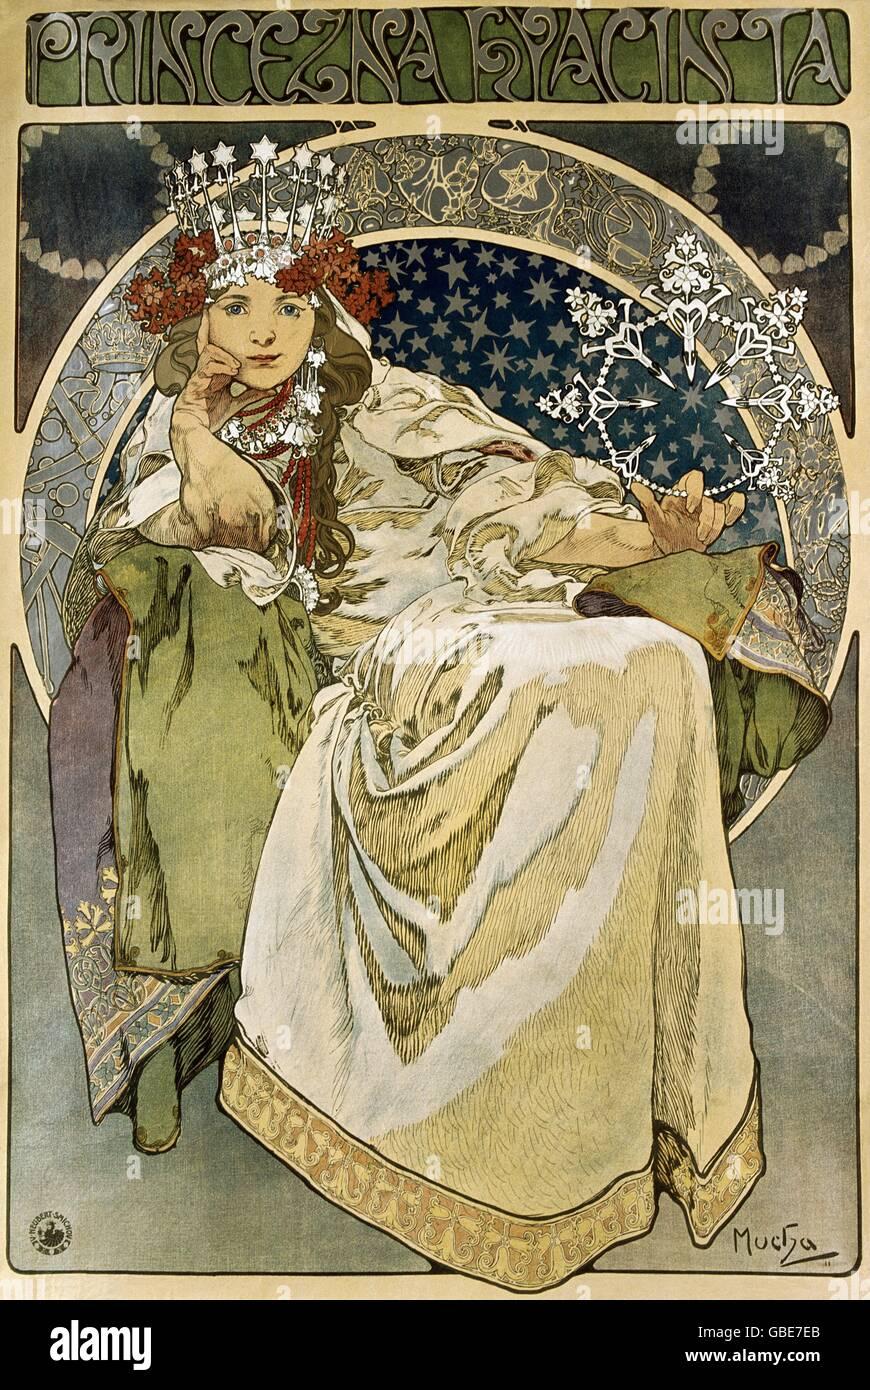 Bellas artes, Mucha, Alfons (1860 - 1939), poster 'Princezna Jacinto Hyacinia' (Princesa), litografía, 1911 Foto de stock